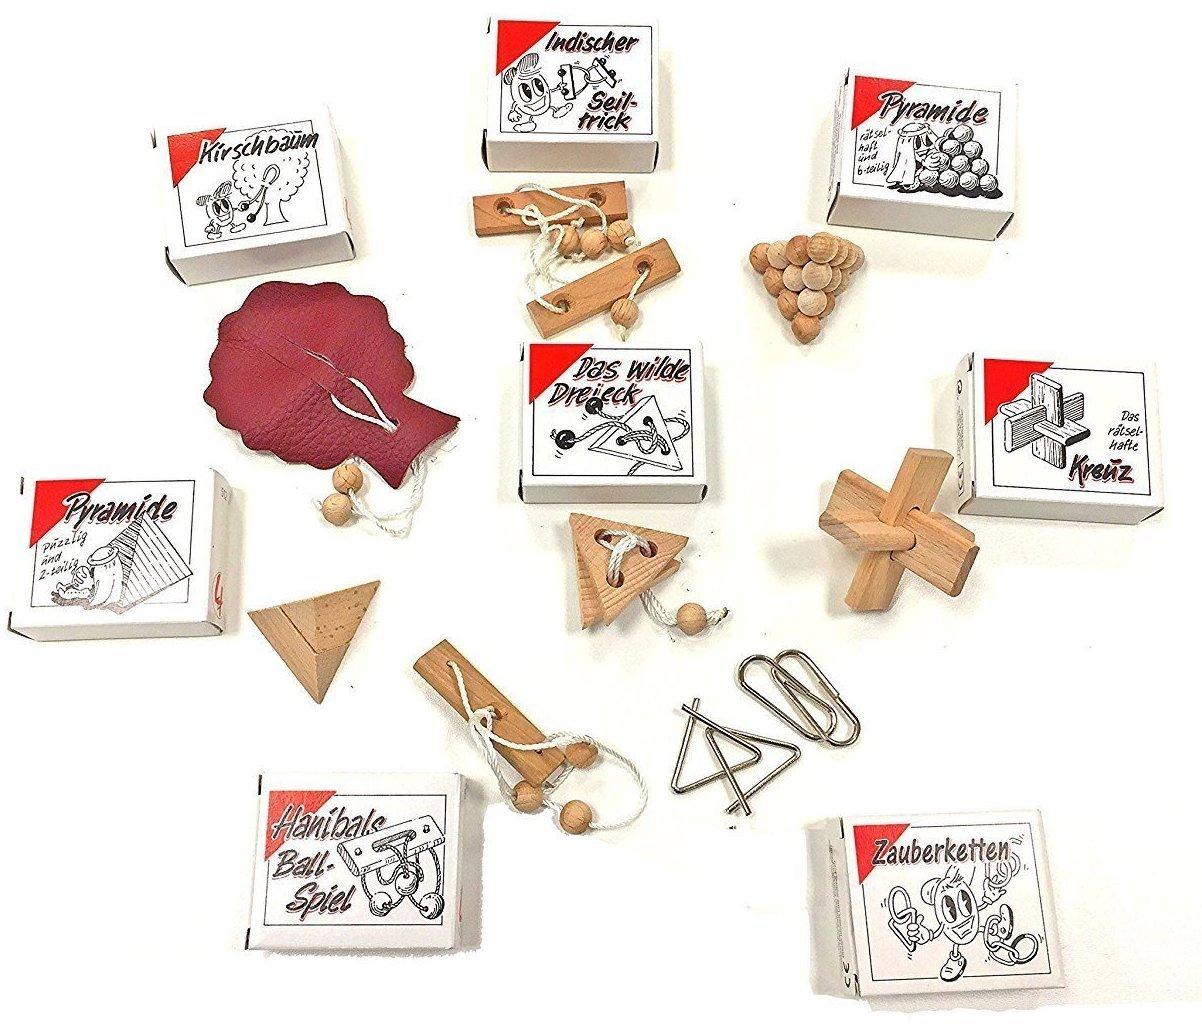 Knobelspiel Klassiker Sets - diverse Mitgebsel - Spiele einzeln verpackt incl Lösung - Geduldspiele Geschicklichkeitsspiele Puzzlespiel Knobelspiele Set Rätselspiele Adventskalender Inhalt (16-er) Gico v16s